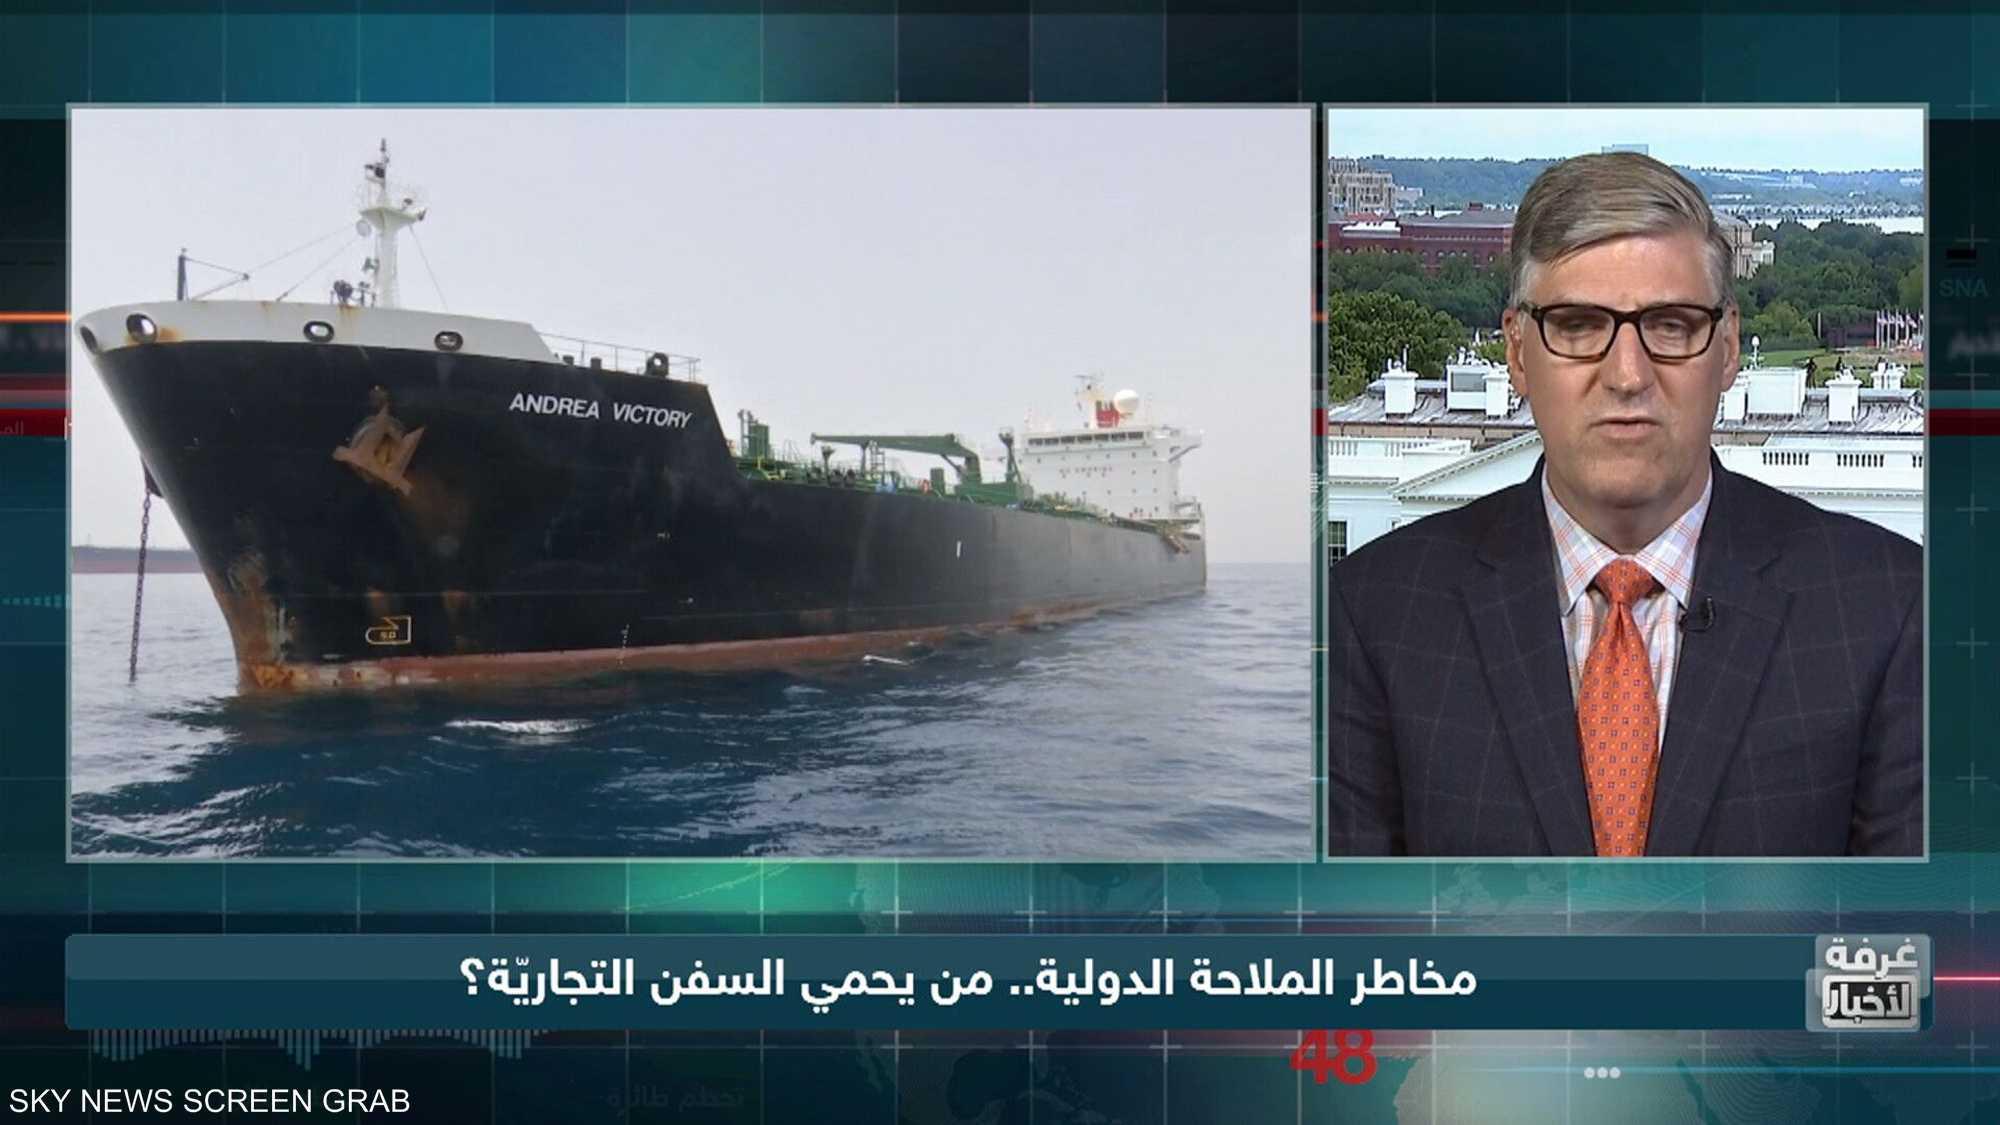 مخاطر الملاحة الدولية.. من يحمي السفن المدنيّة؟